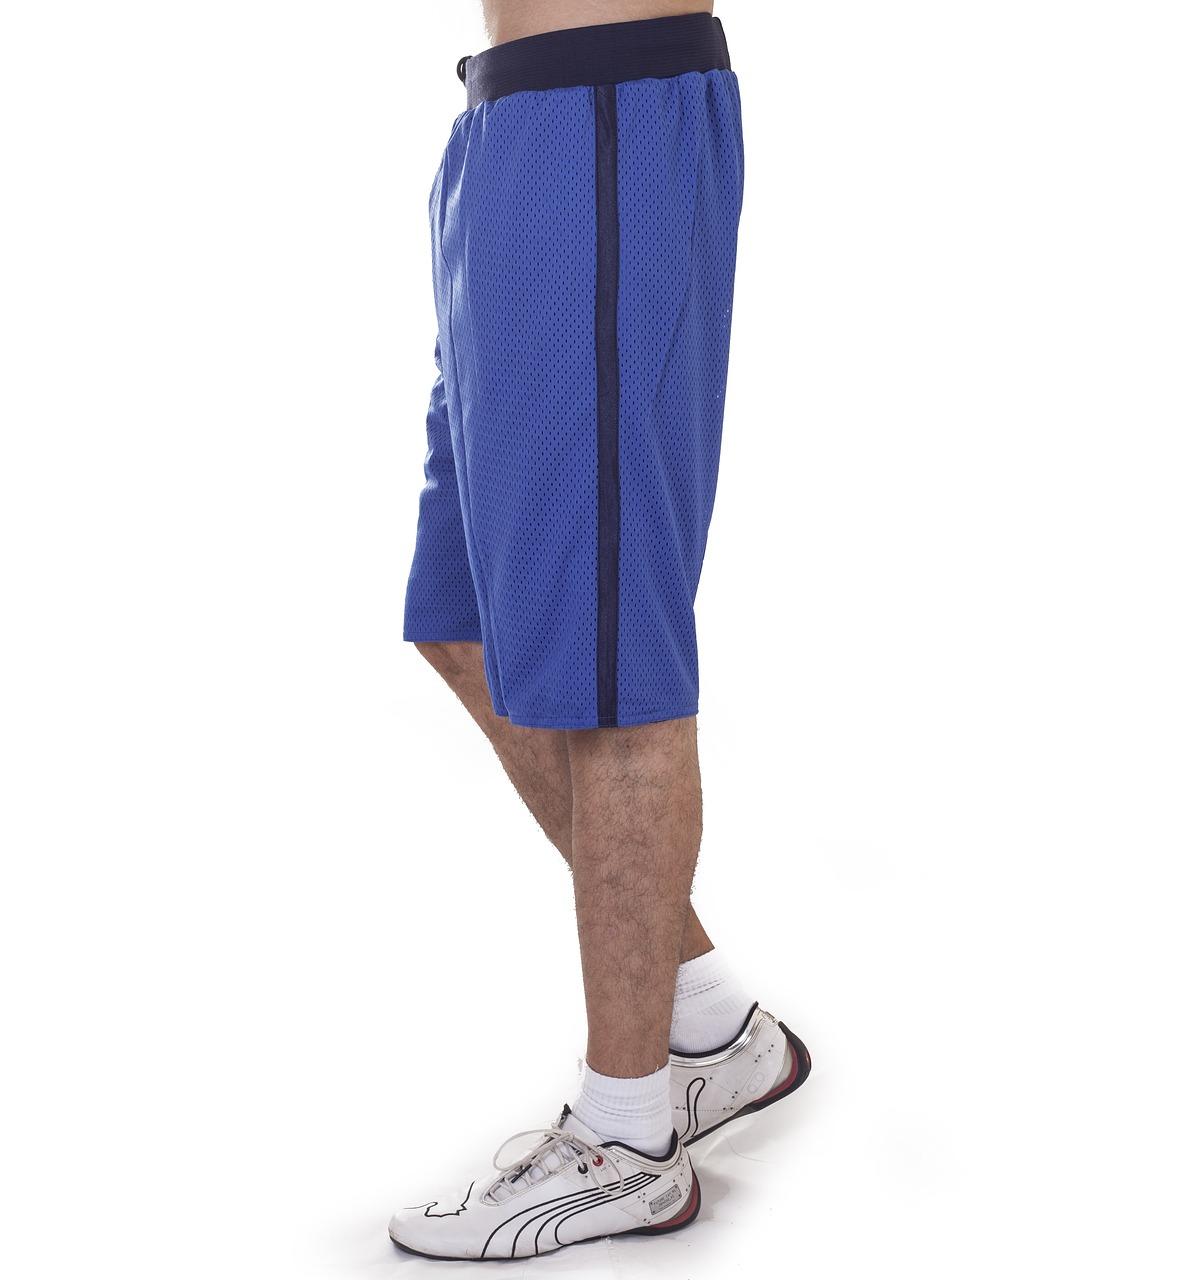 חצי גוף תחתון גבר